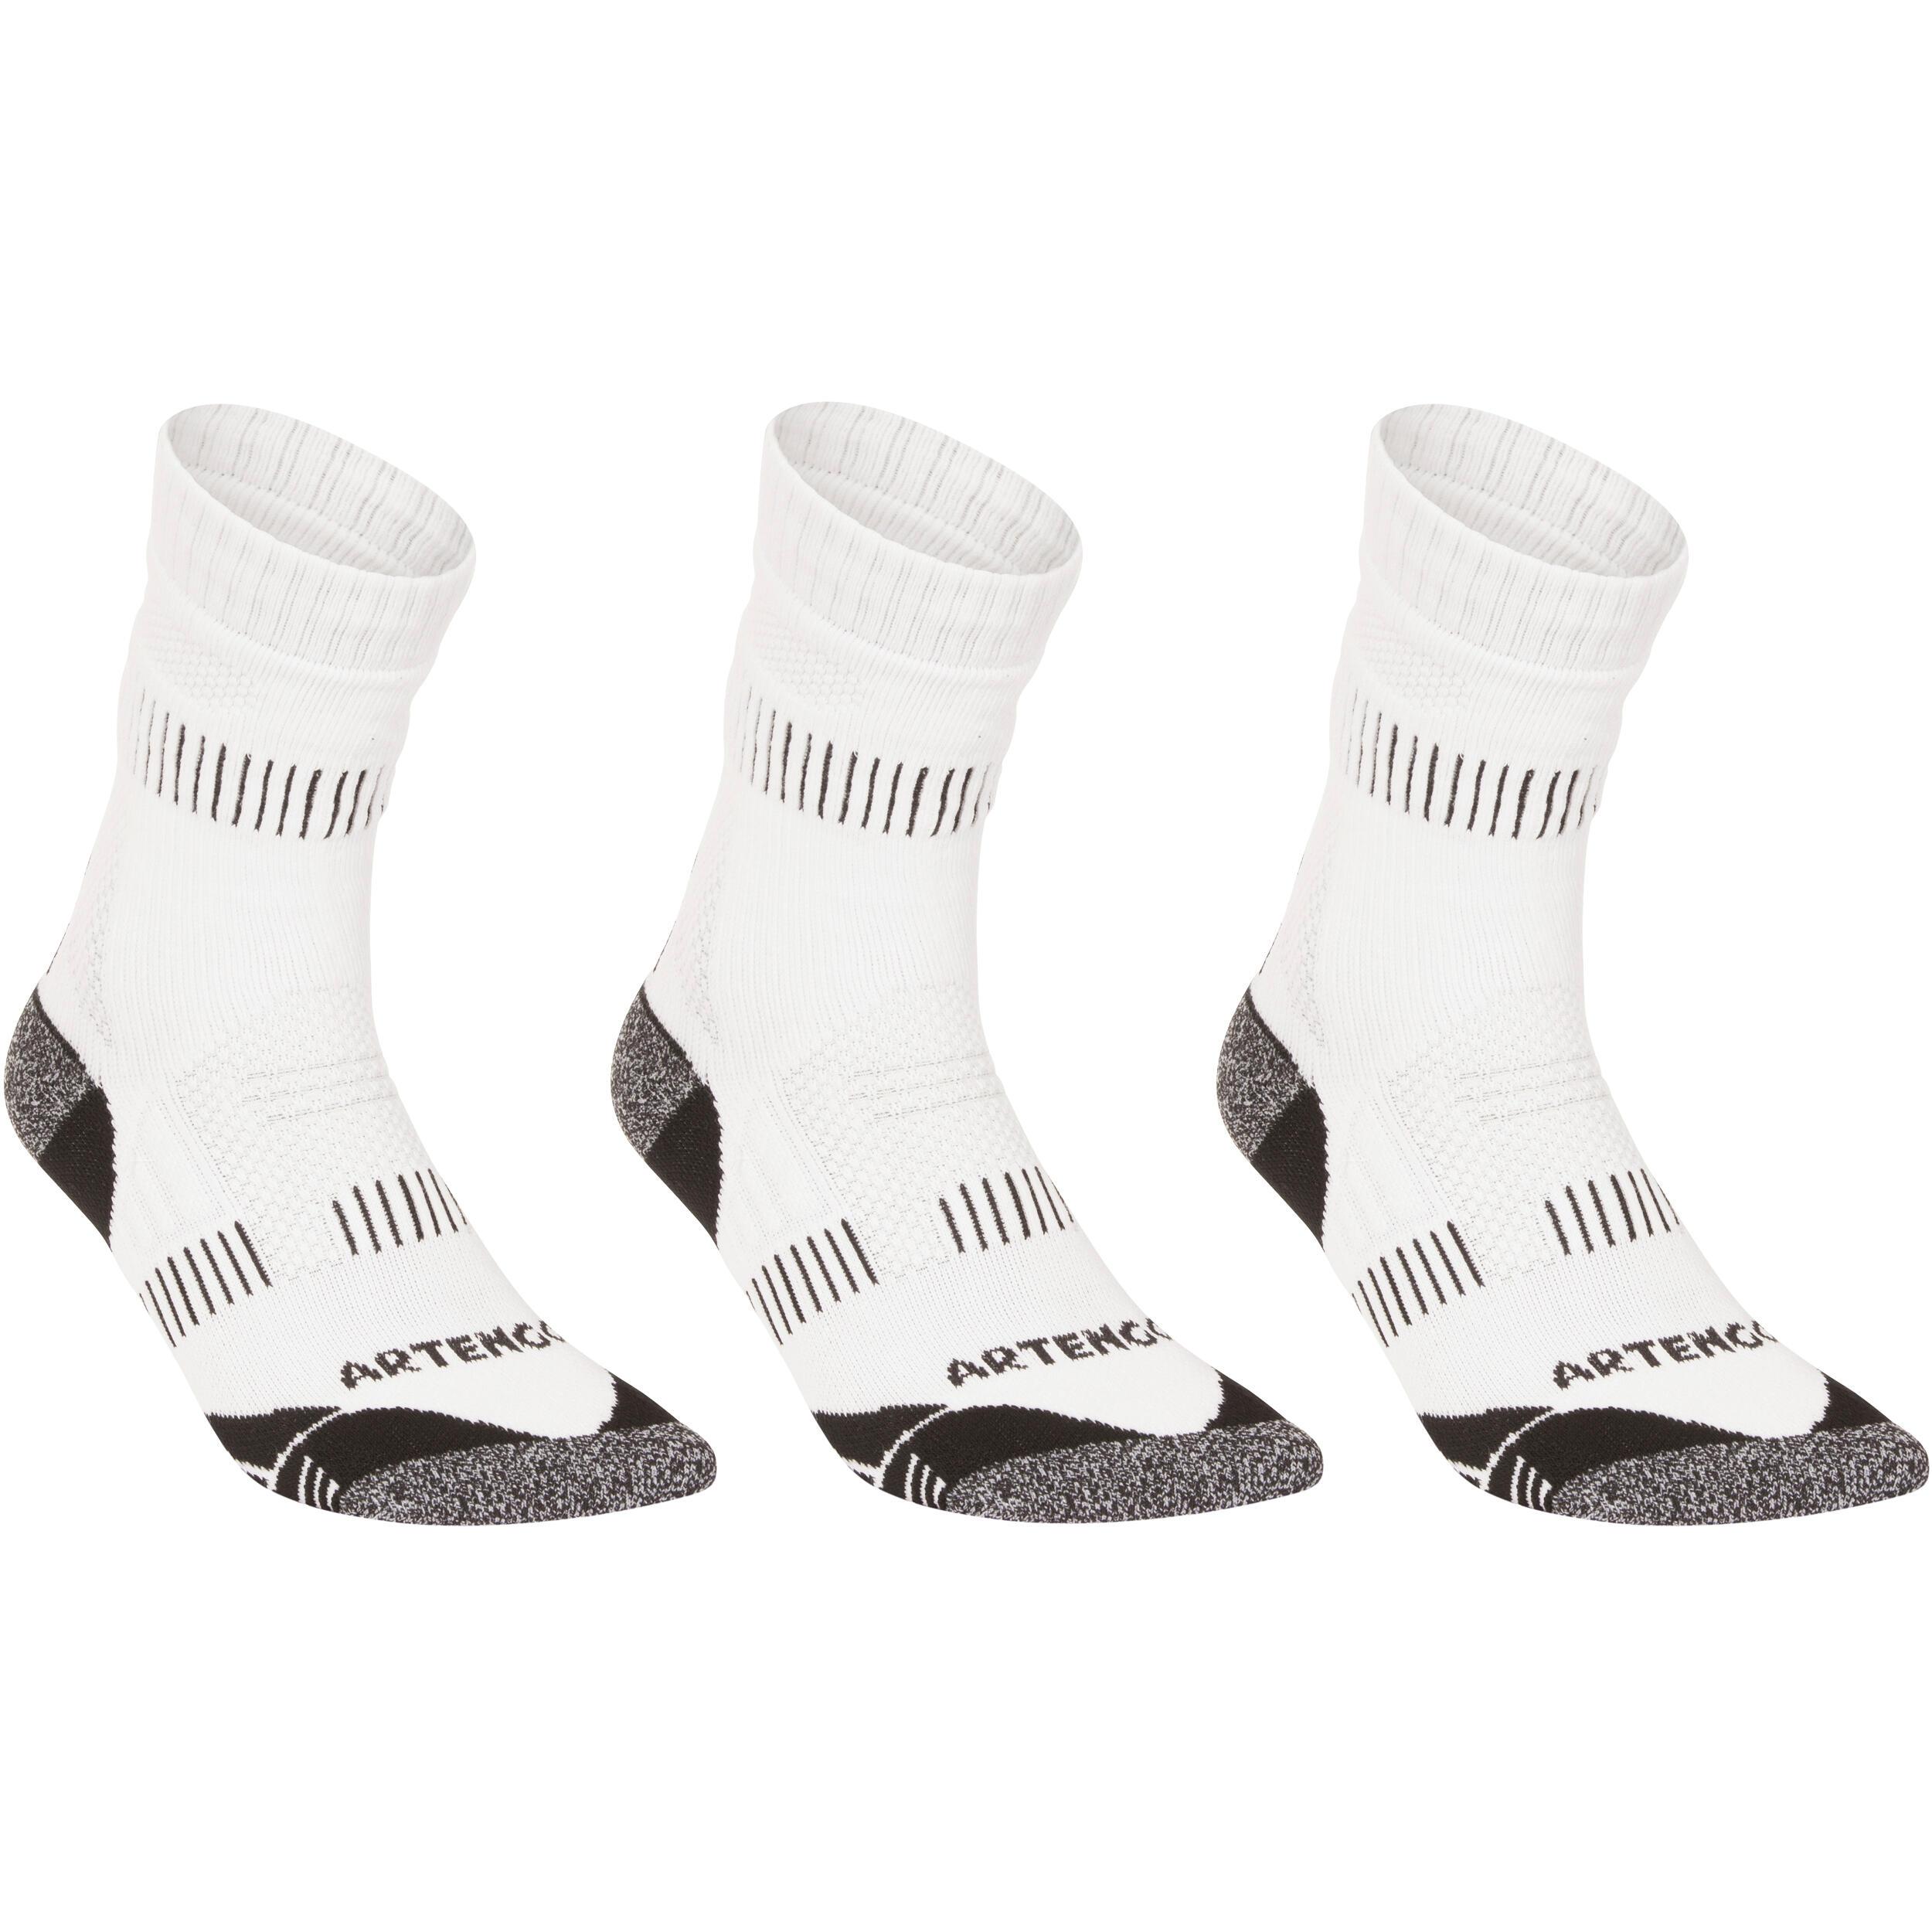 Artengo Hoge sportsokken voor volwassenen Artengo RS 900, wit grijs, set van 3 paar